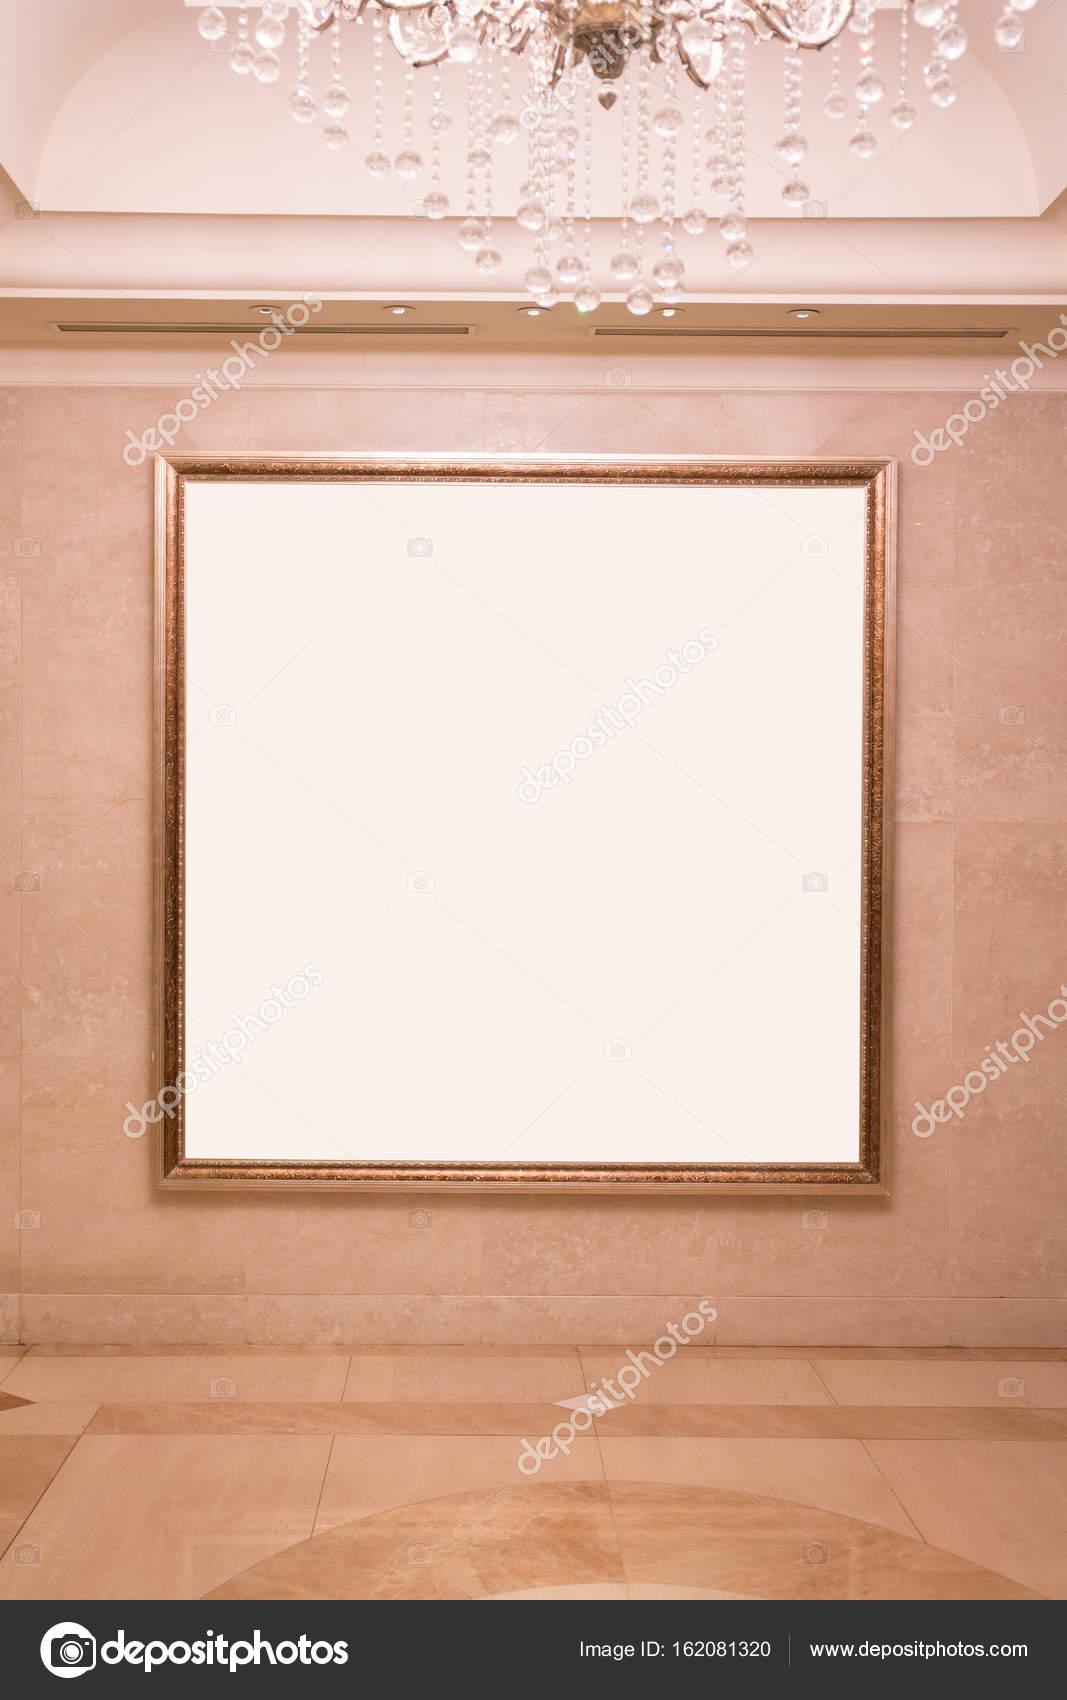 marco de colgar en la pared — Fotos de Stock © ryanking999 #162081320